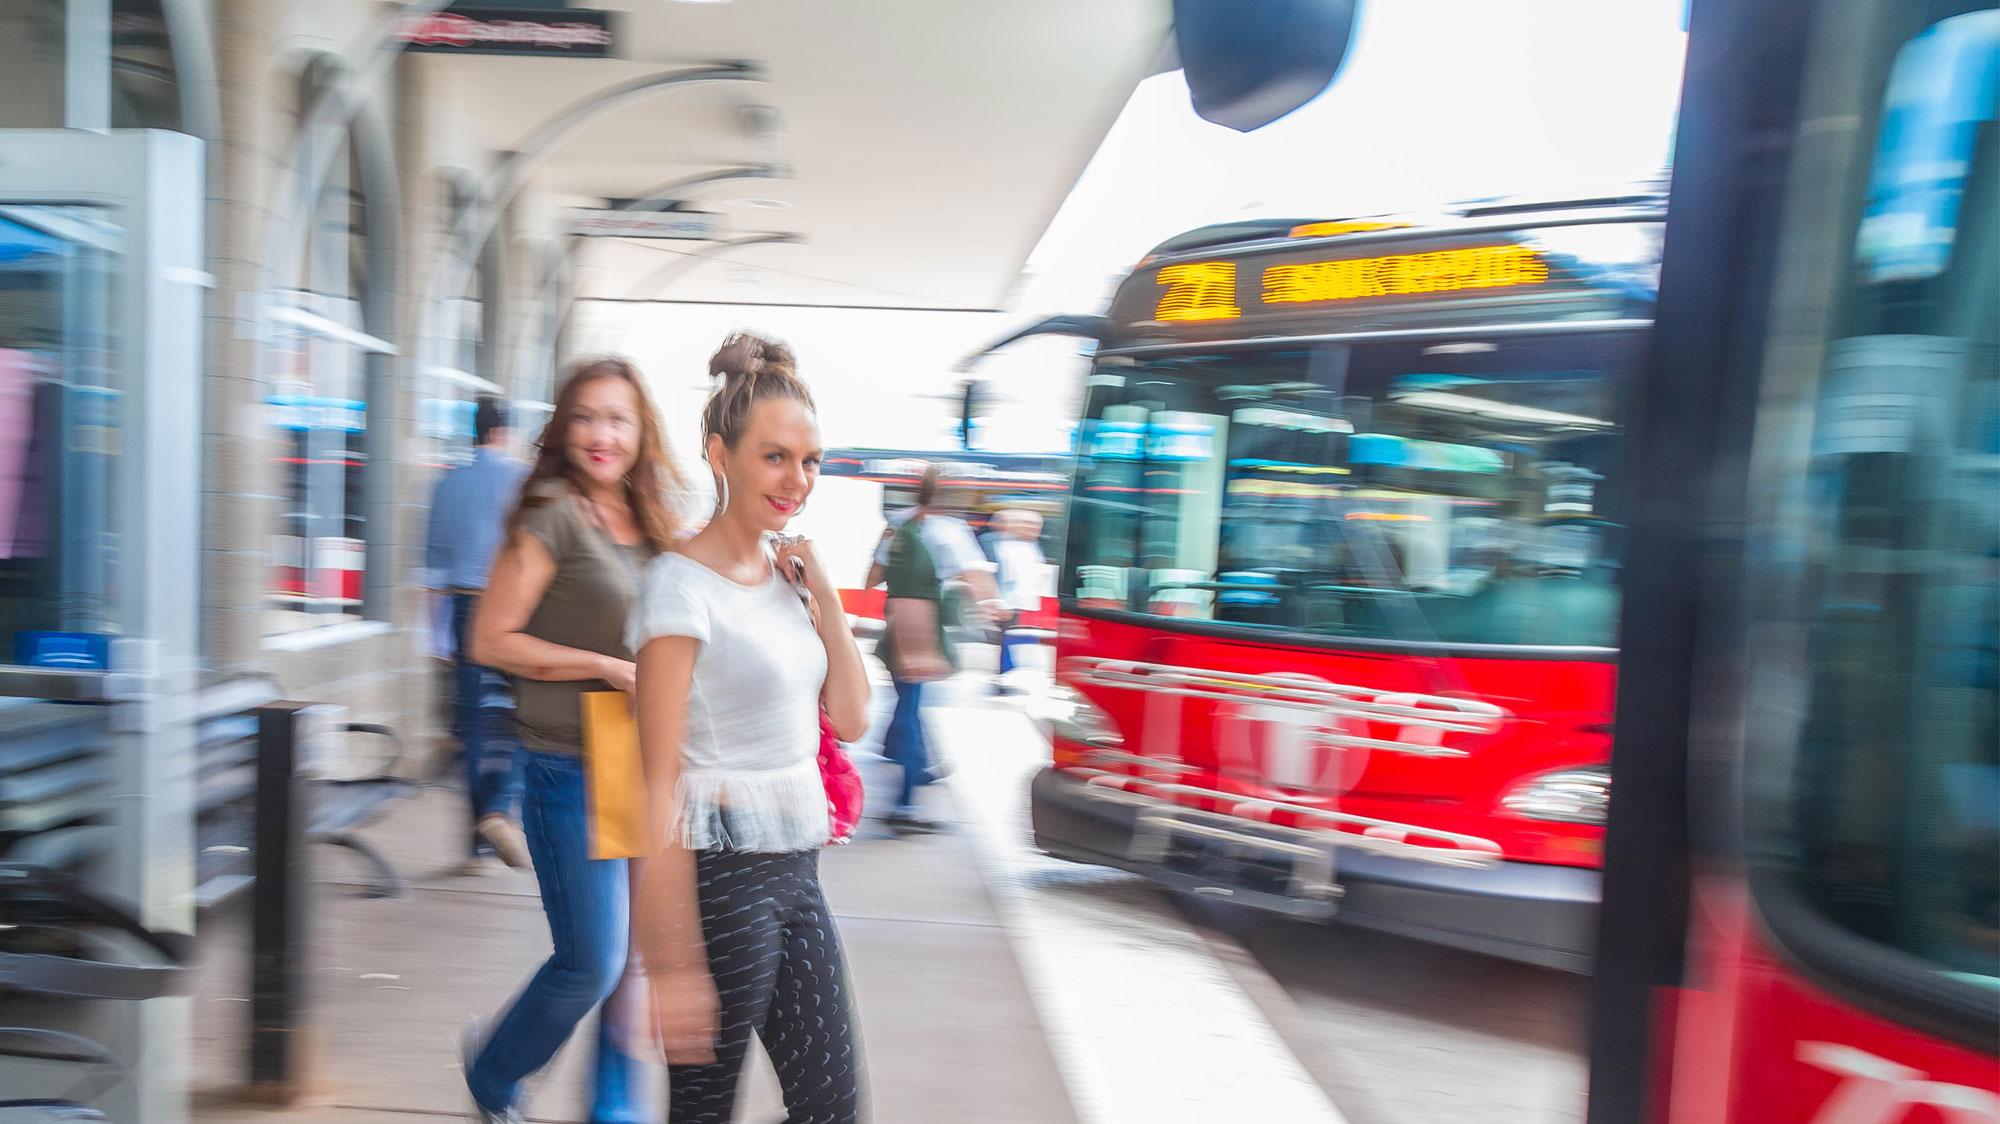 IMAGE: Passengers Boarding Metro Bus at Transit Center